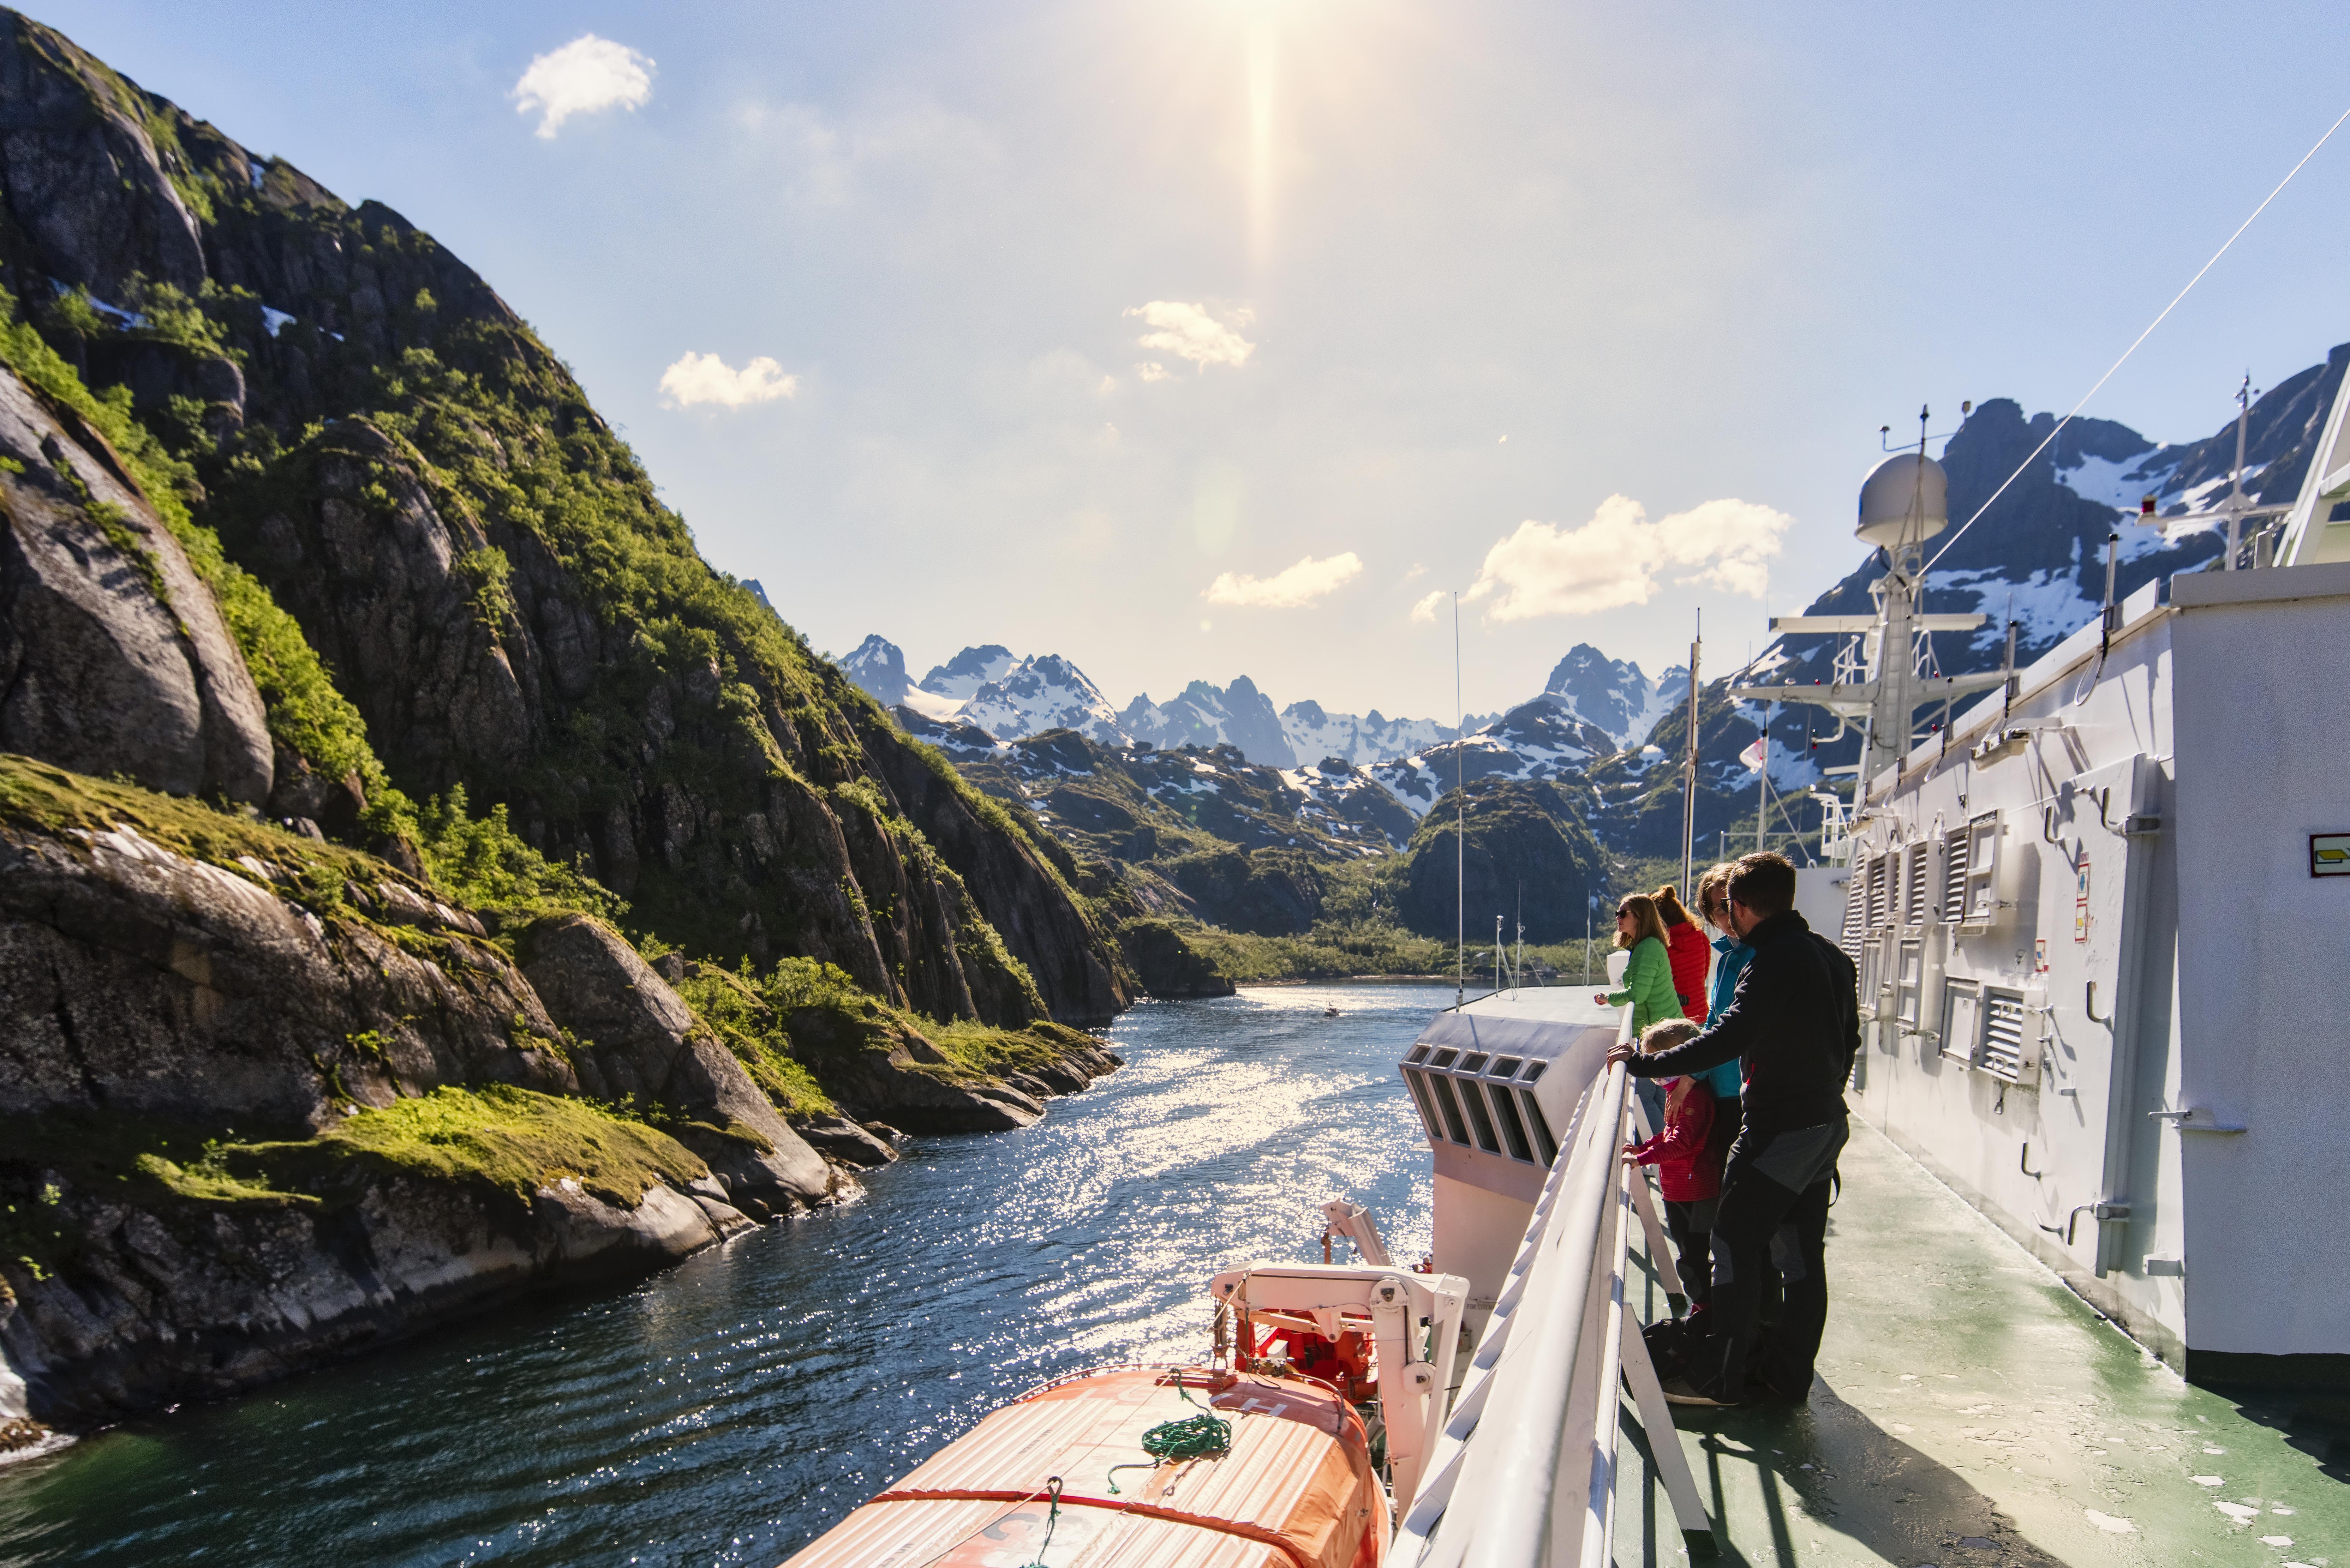 20191122 公主邮轮,带你航向世界最美的角落。dynasty travel.JPG